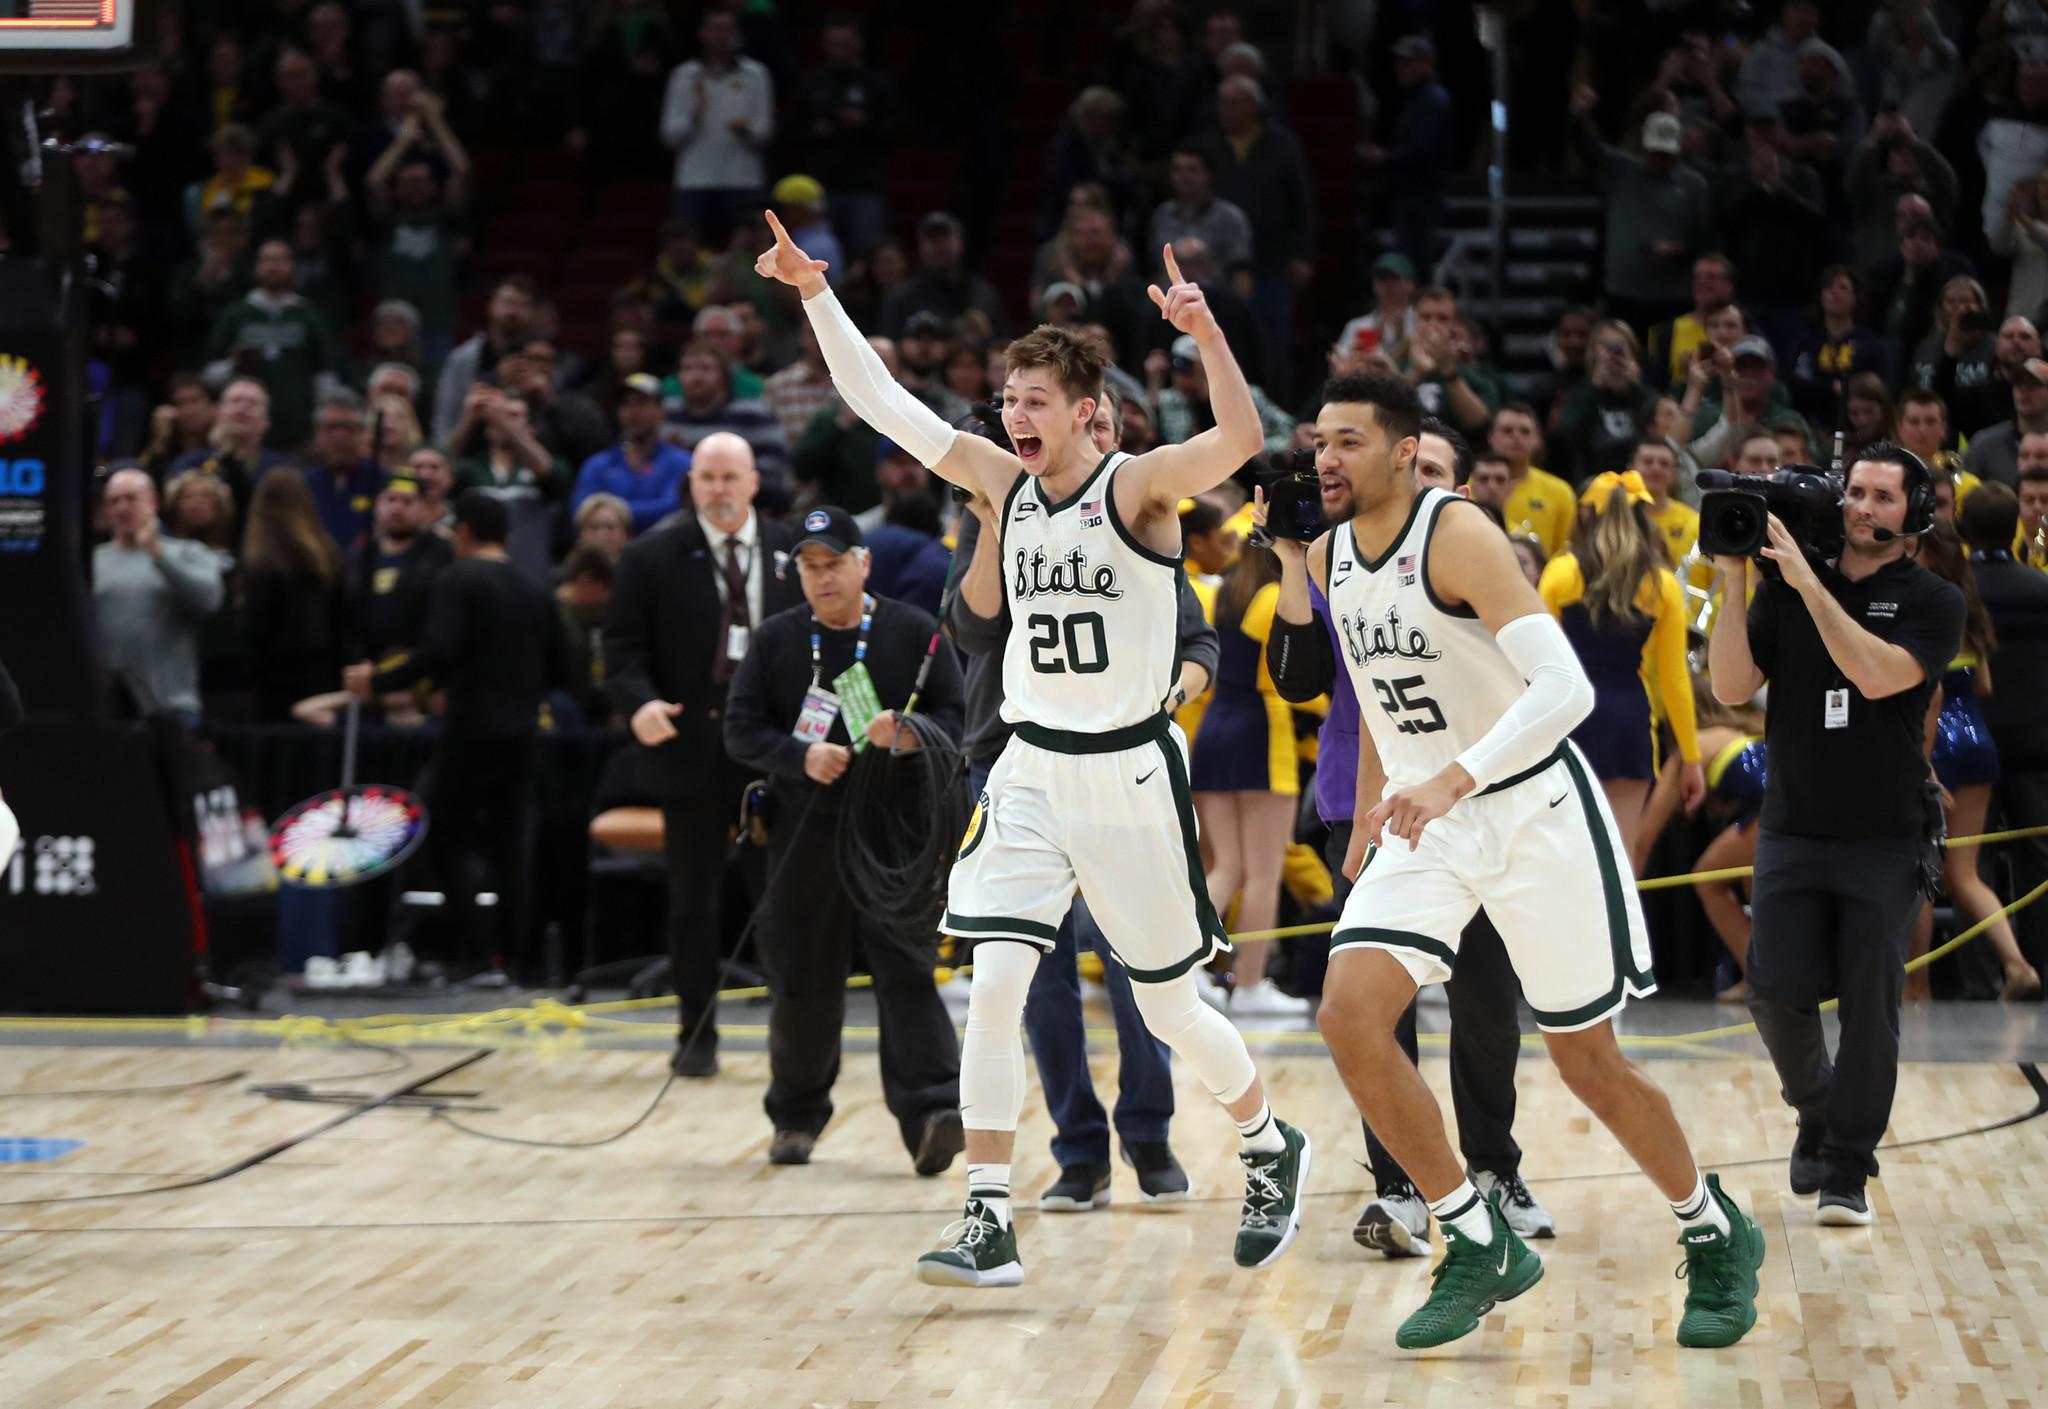 Big Ten Tournament - Chicago Tribune